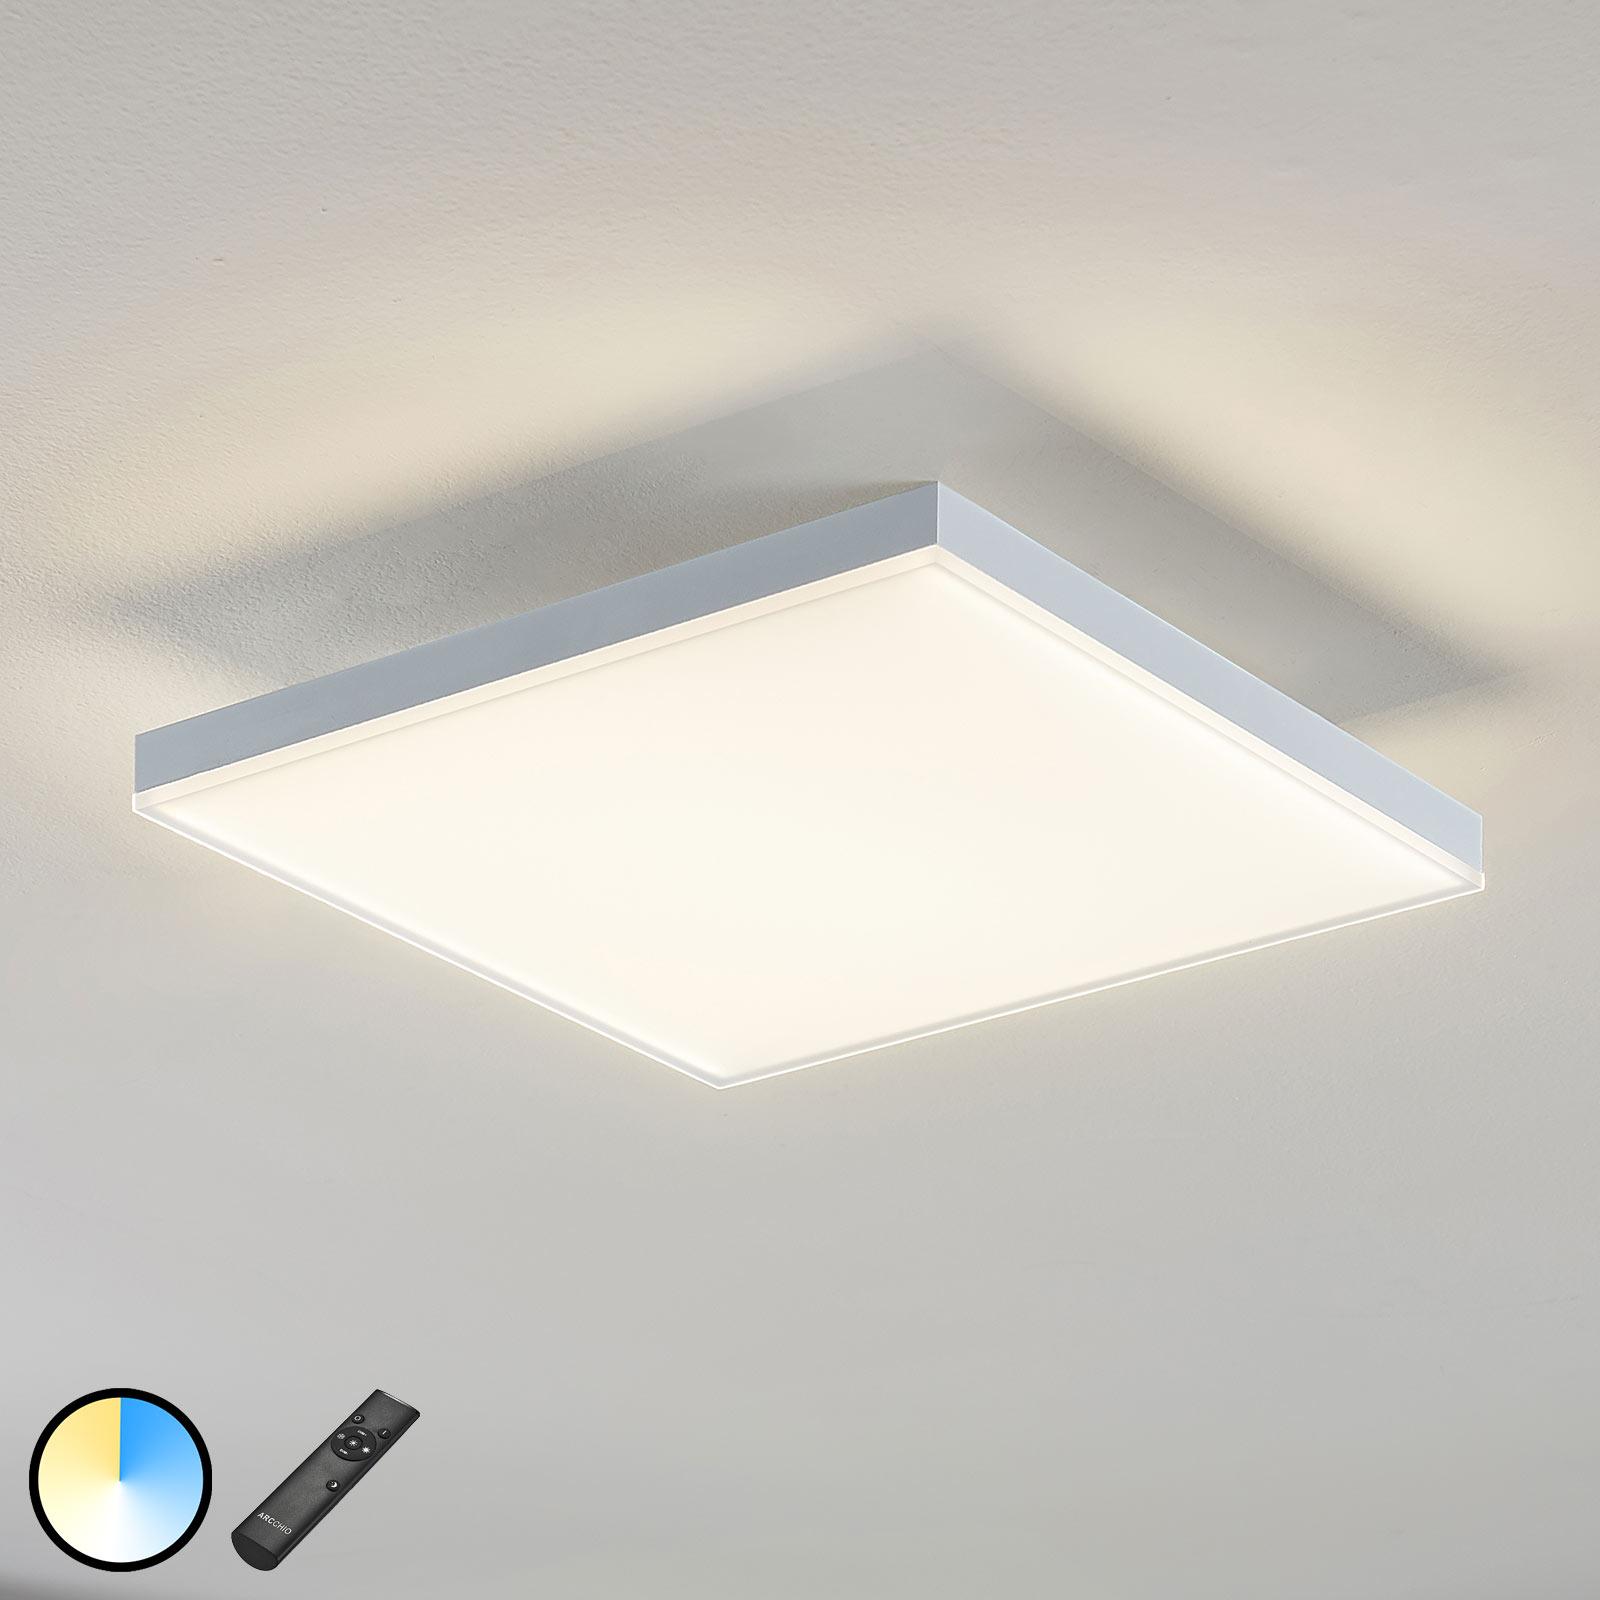 LED-paneeli Blaan CCT, kaukosäädin 29,5 x 29,5cm